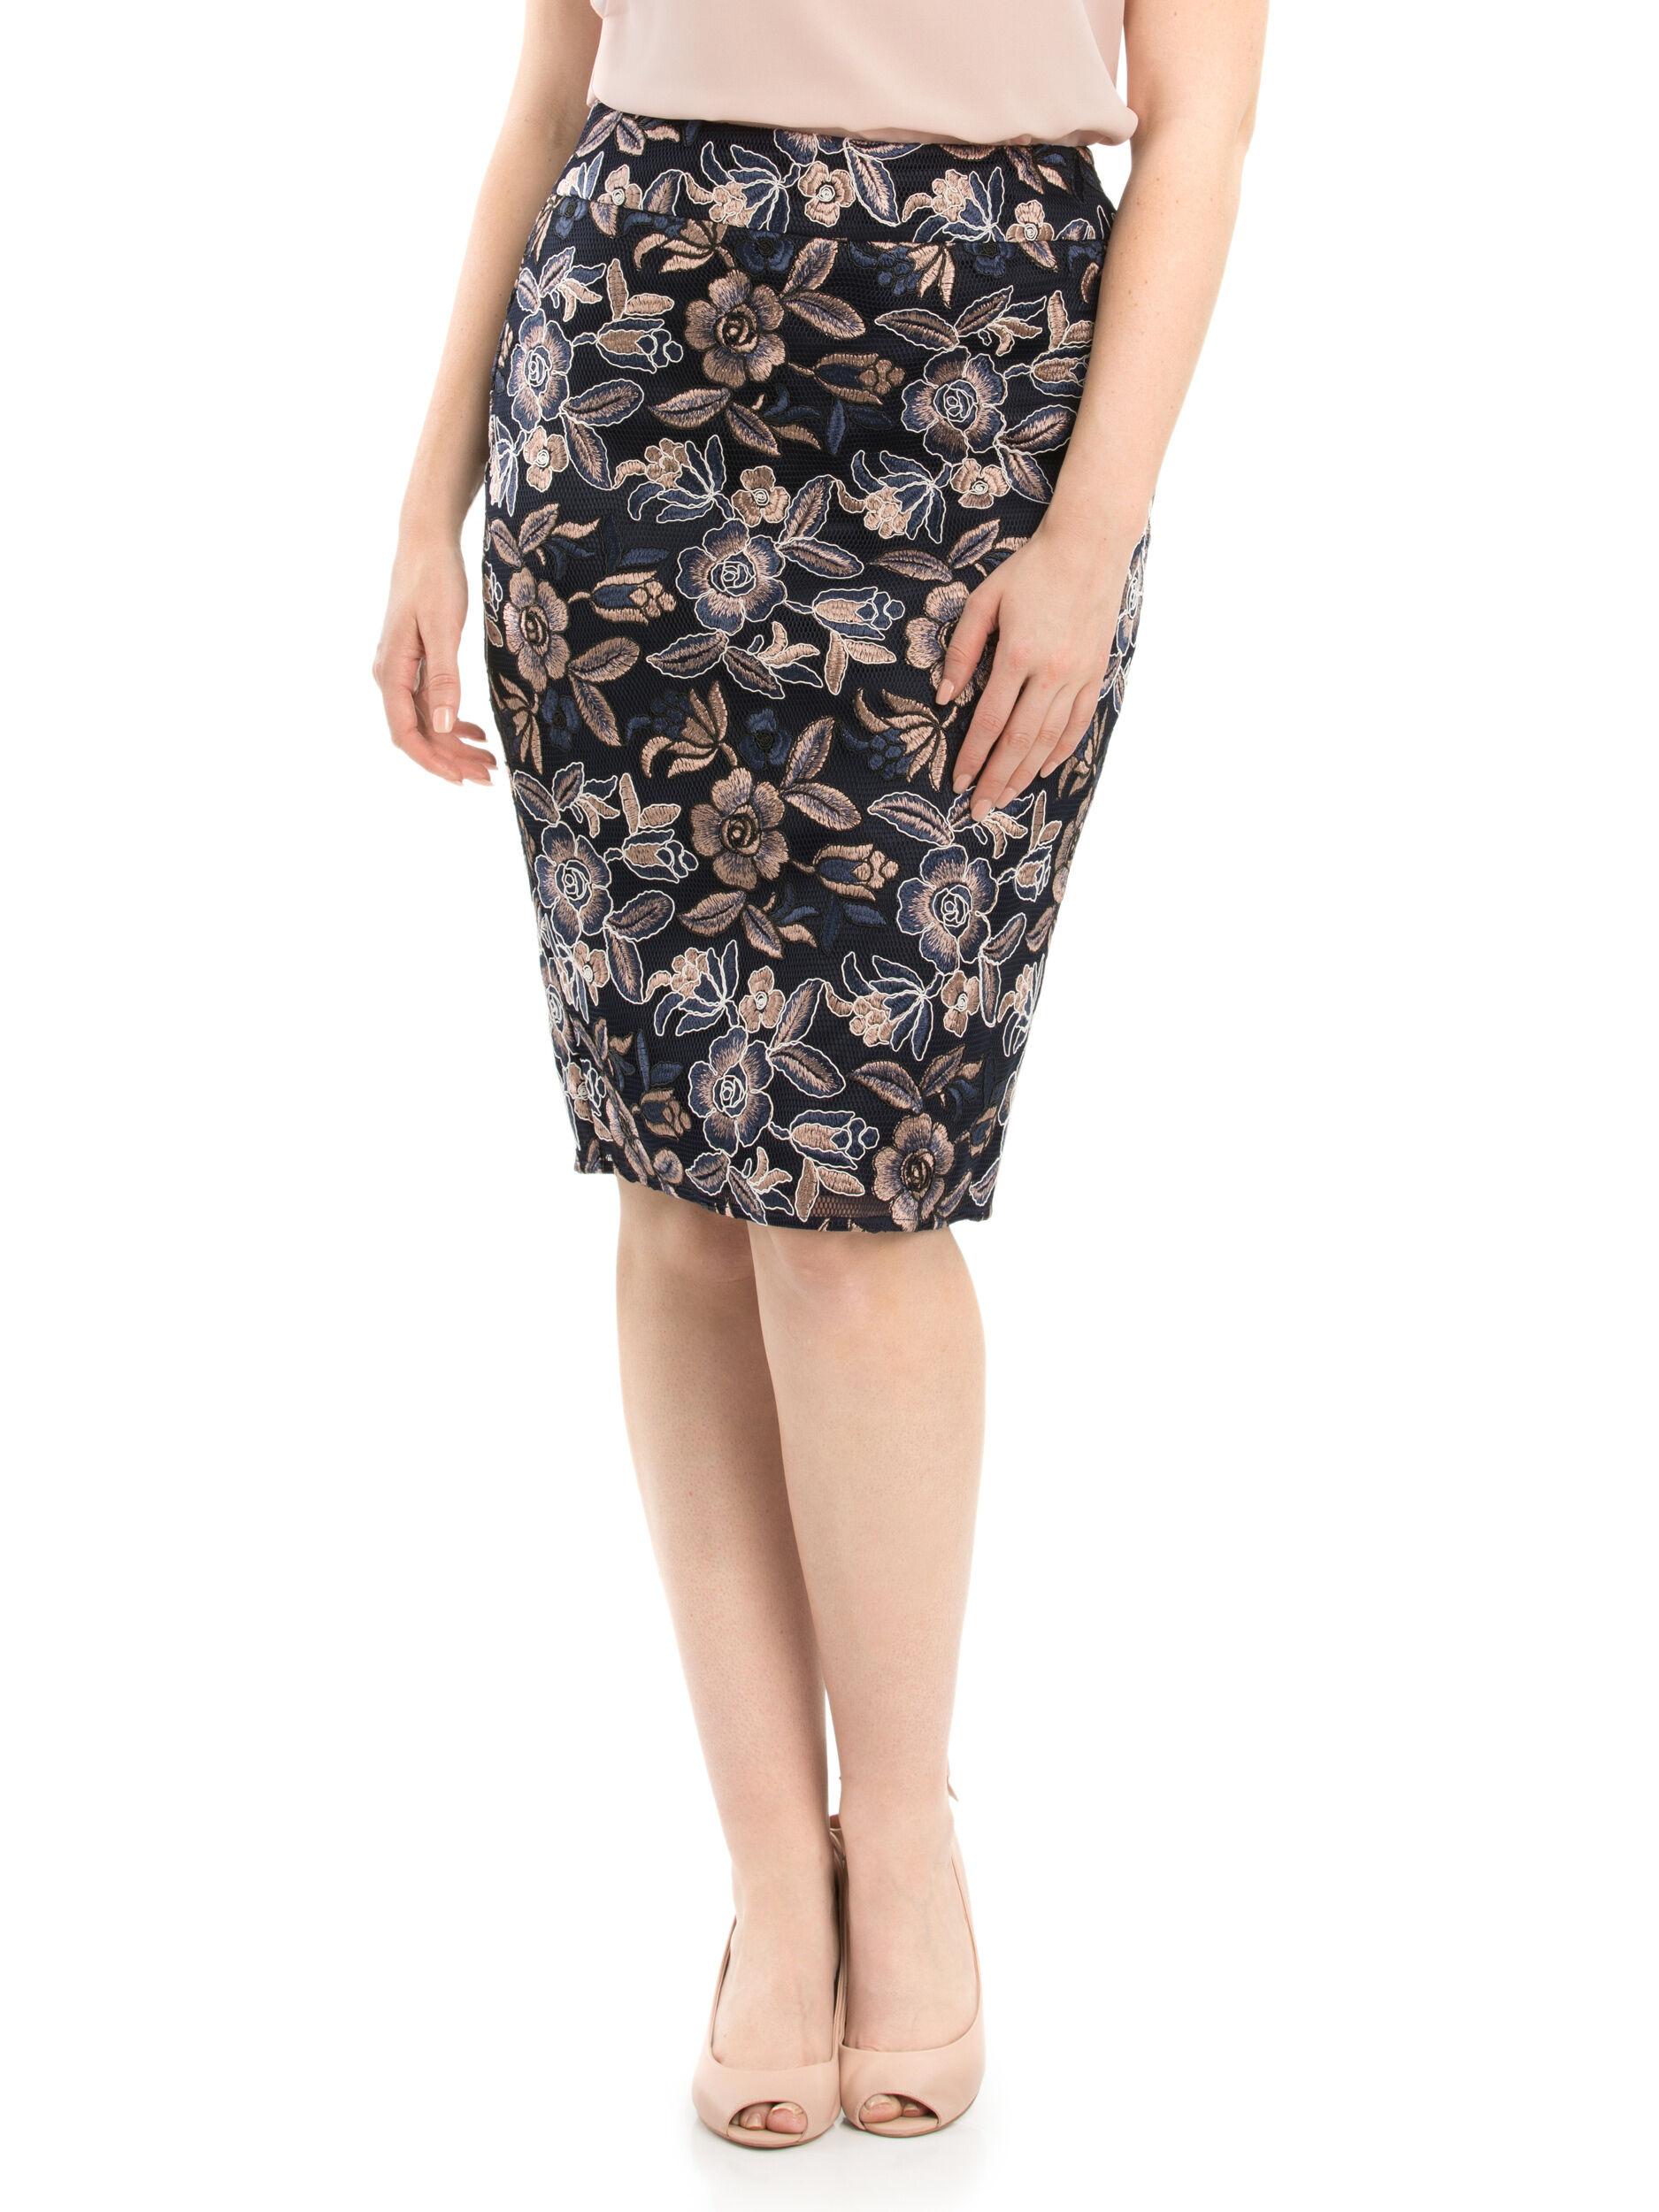 Life Of Love Skirt